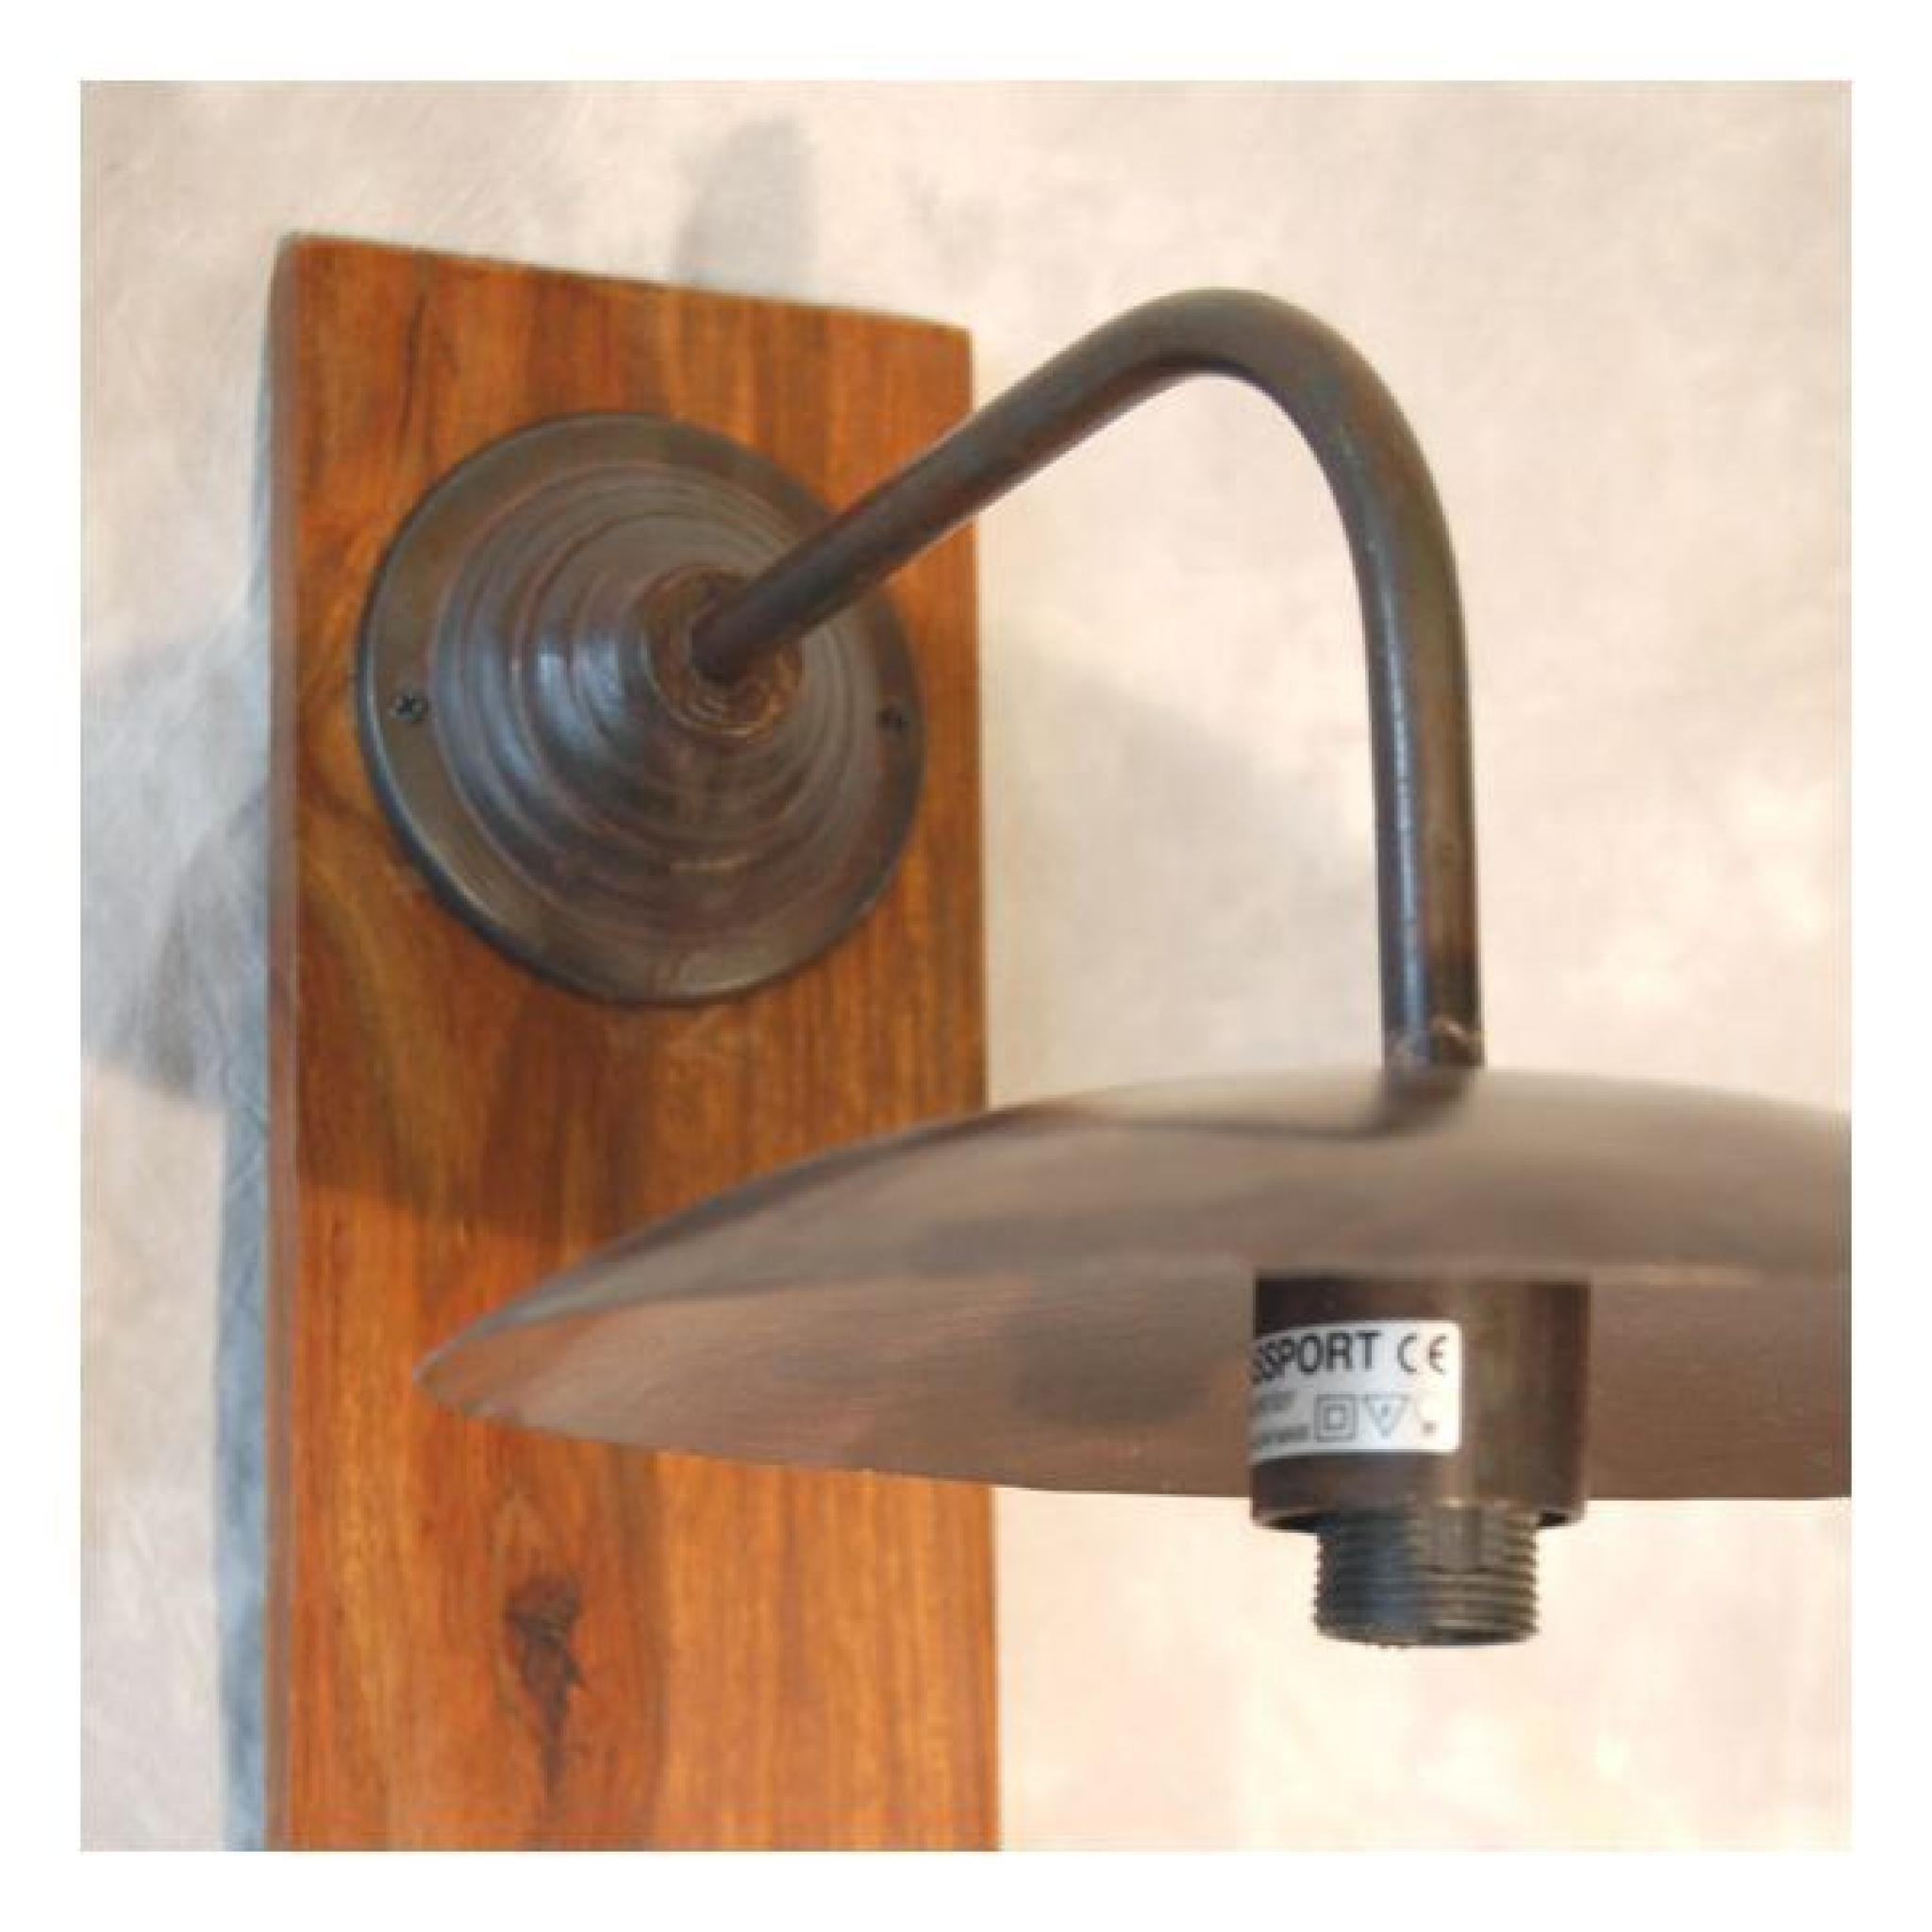 applique murale fer forge loft bois pas cher dcouvrez votre futur applique murale pas cher large slection de applique murale design de produits de - Applique Murale Design Bois